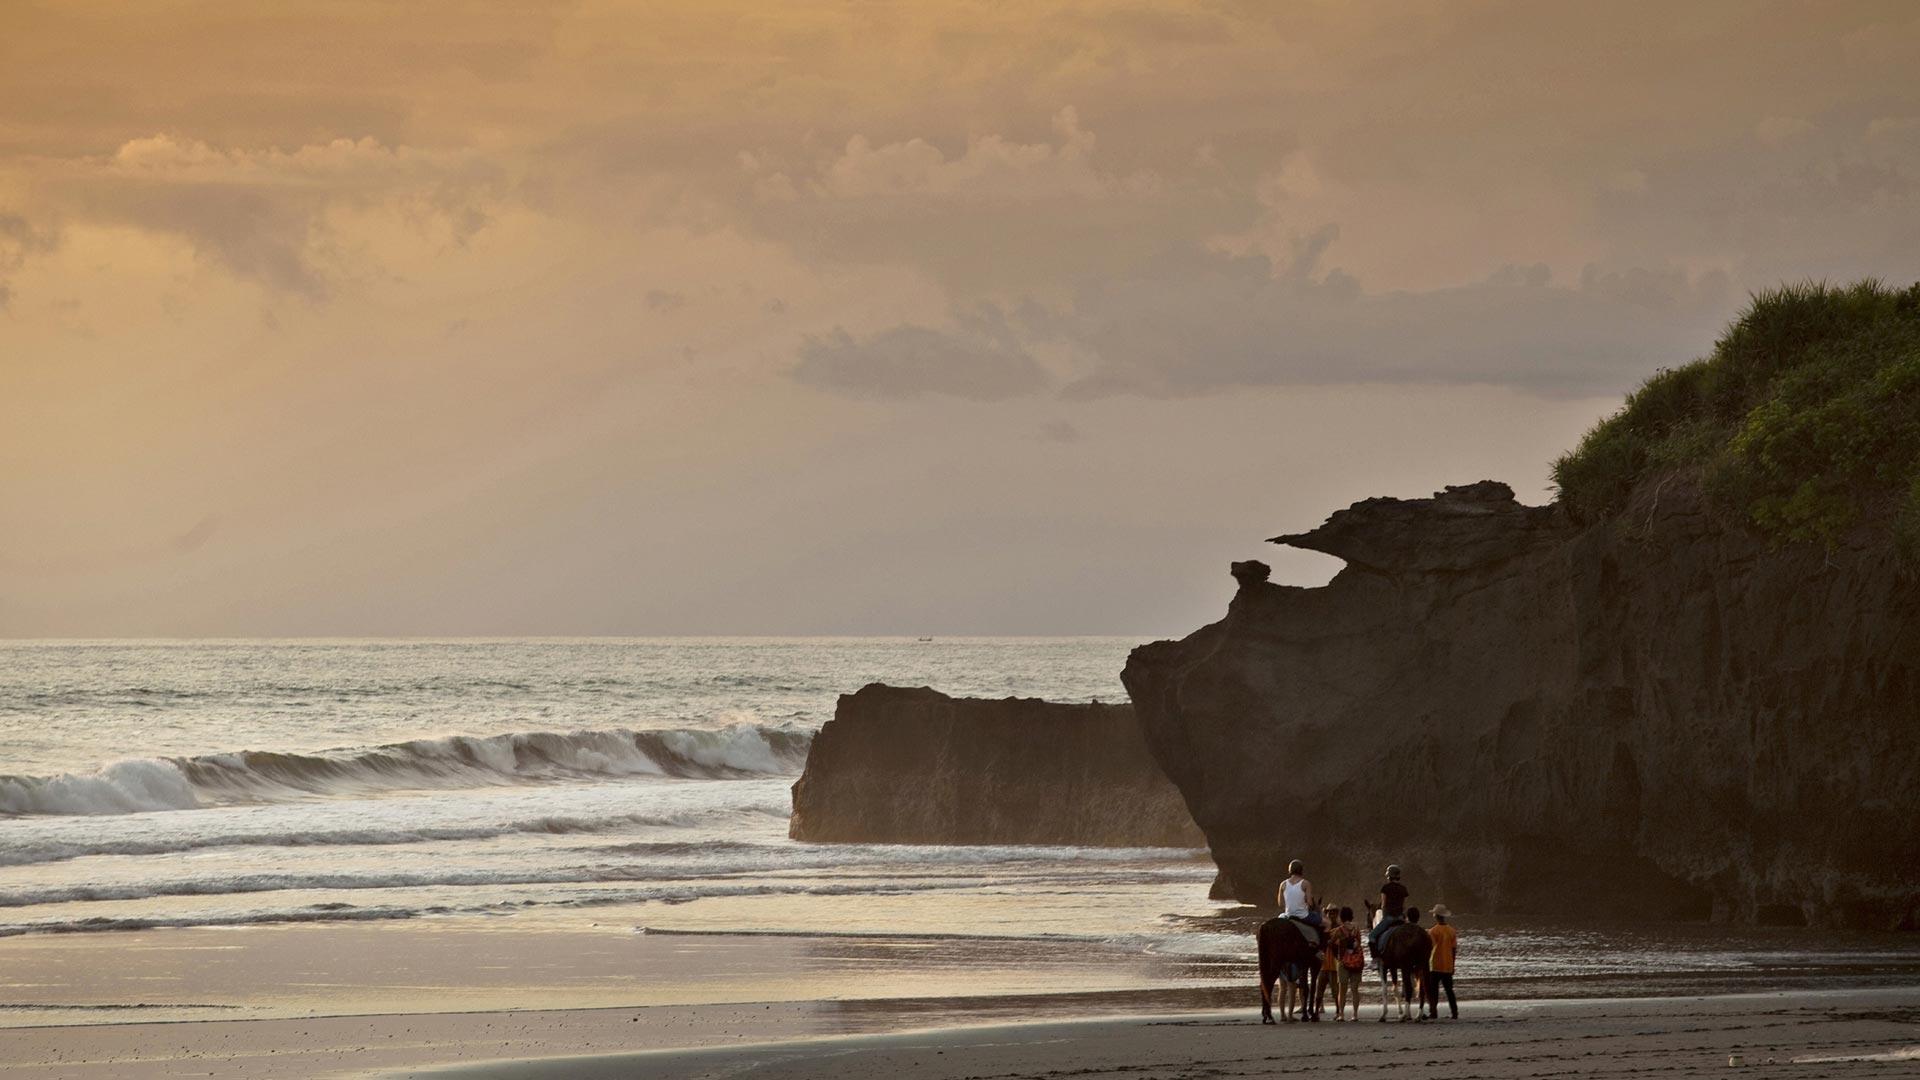 海滩边的骑马